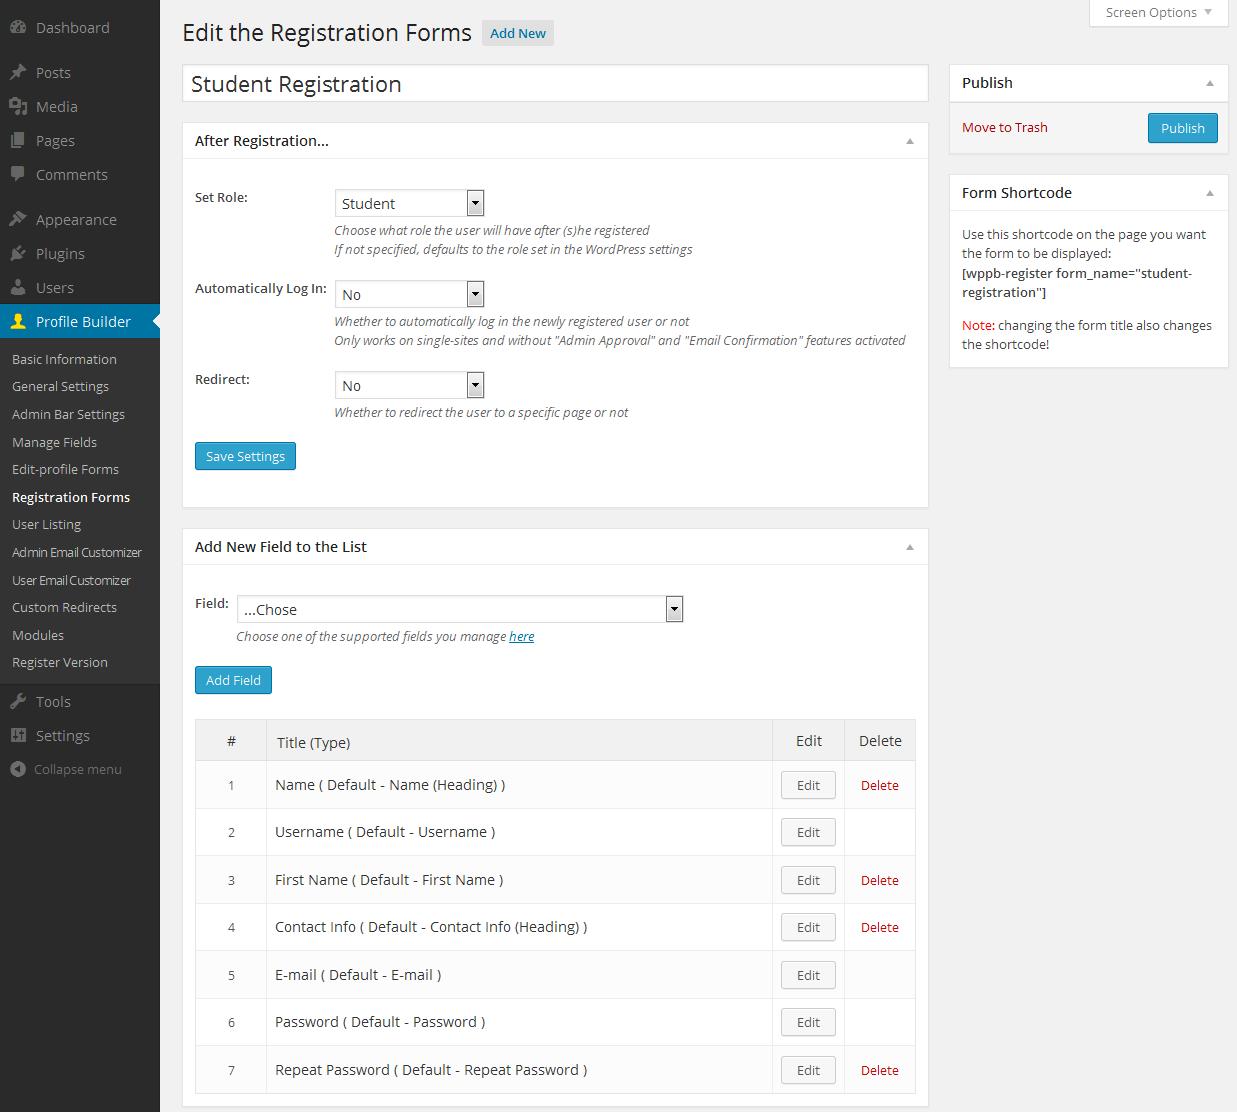 8-pb2.0-new-registration-form-small